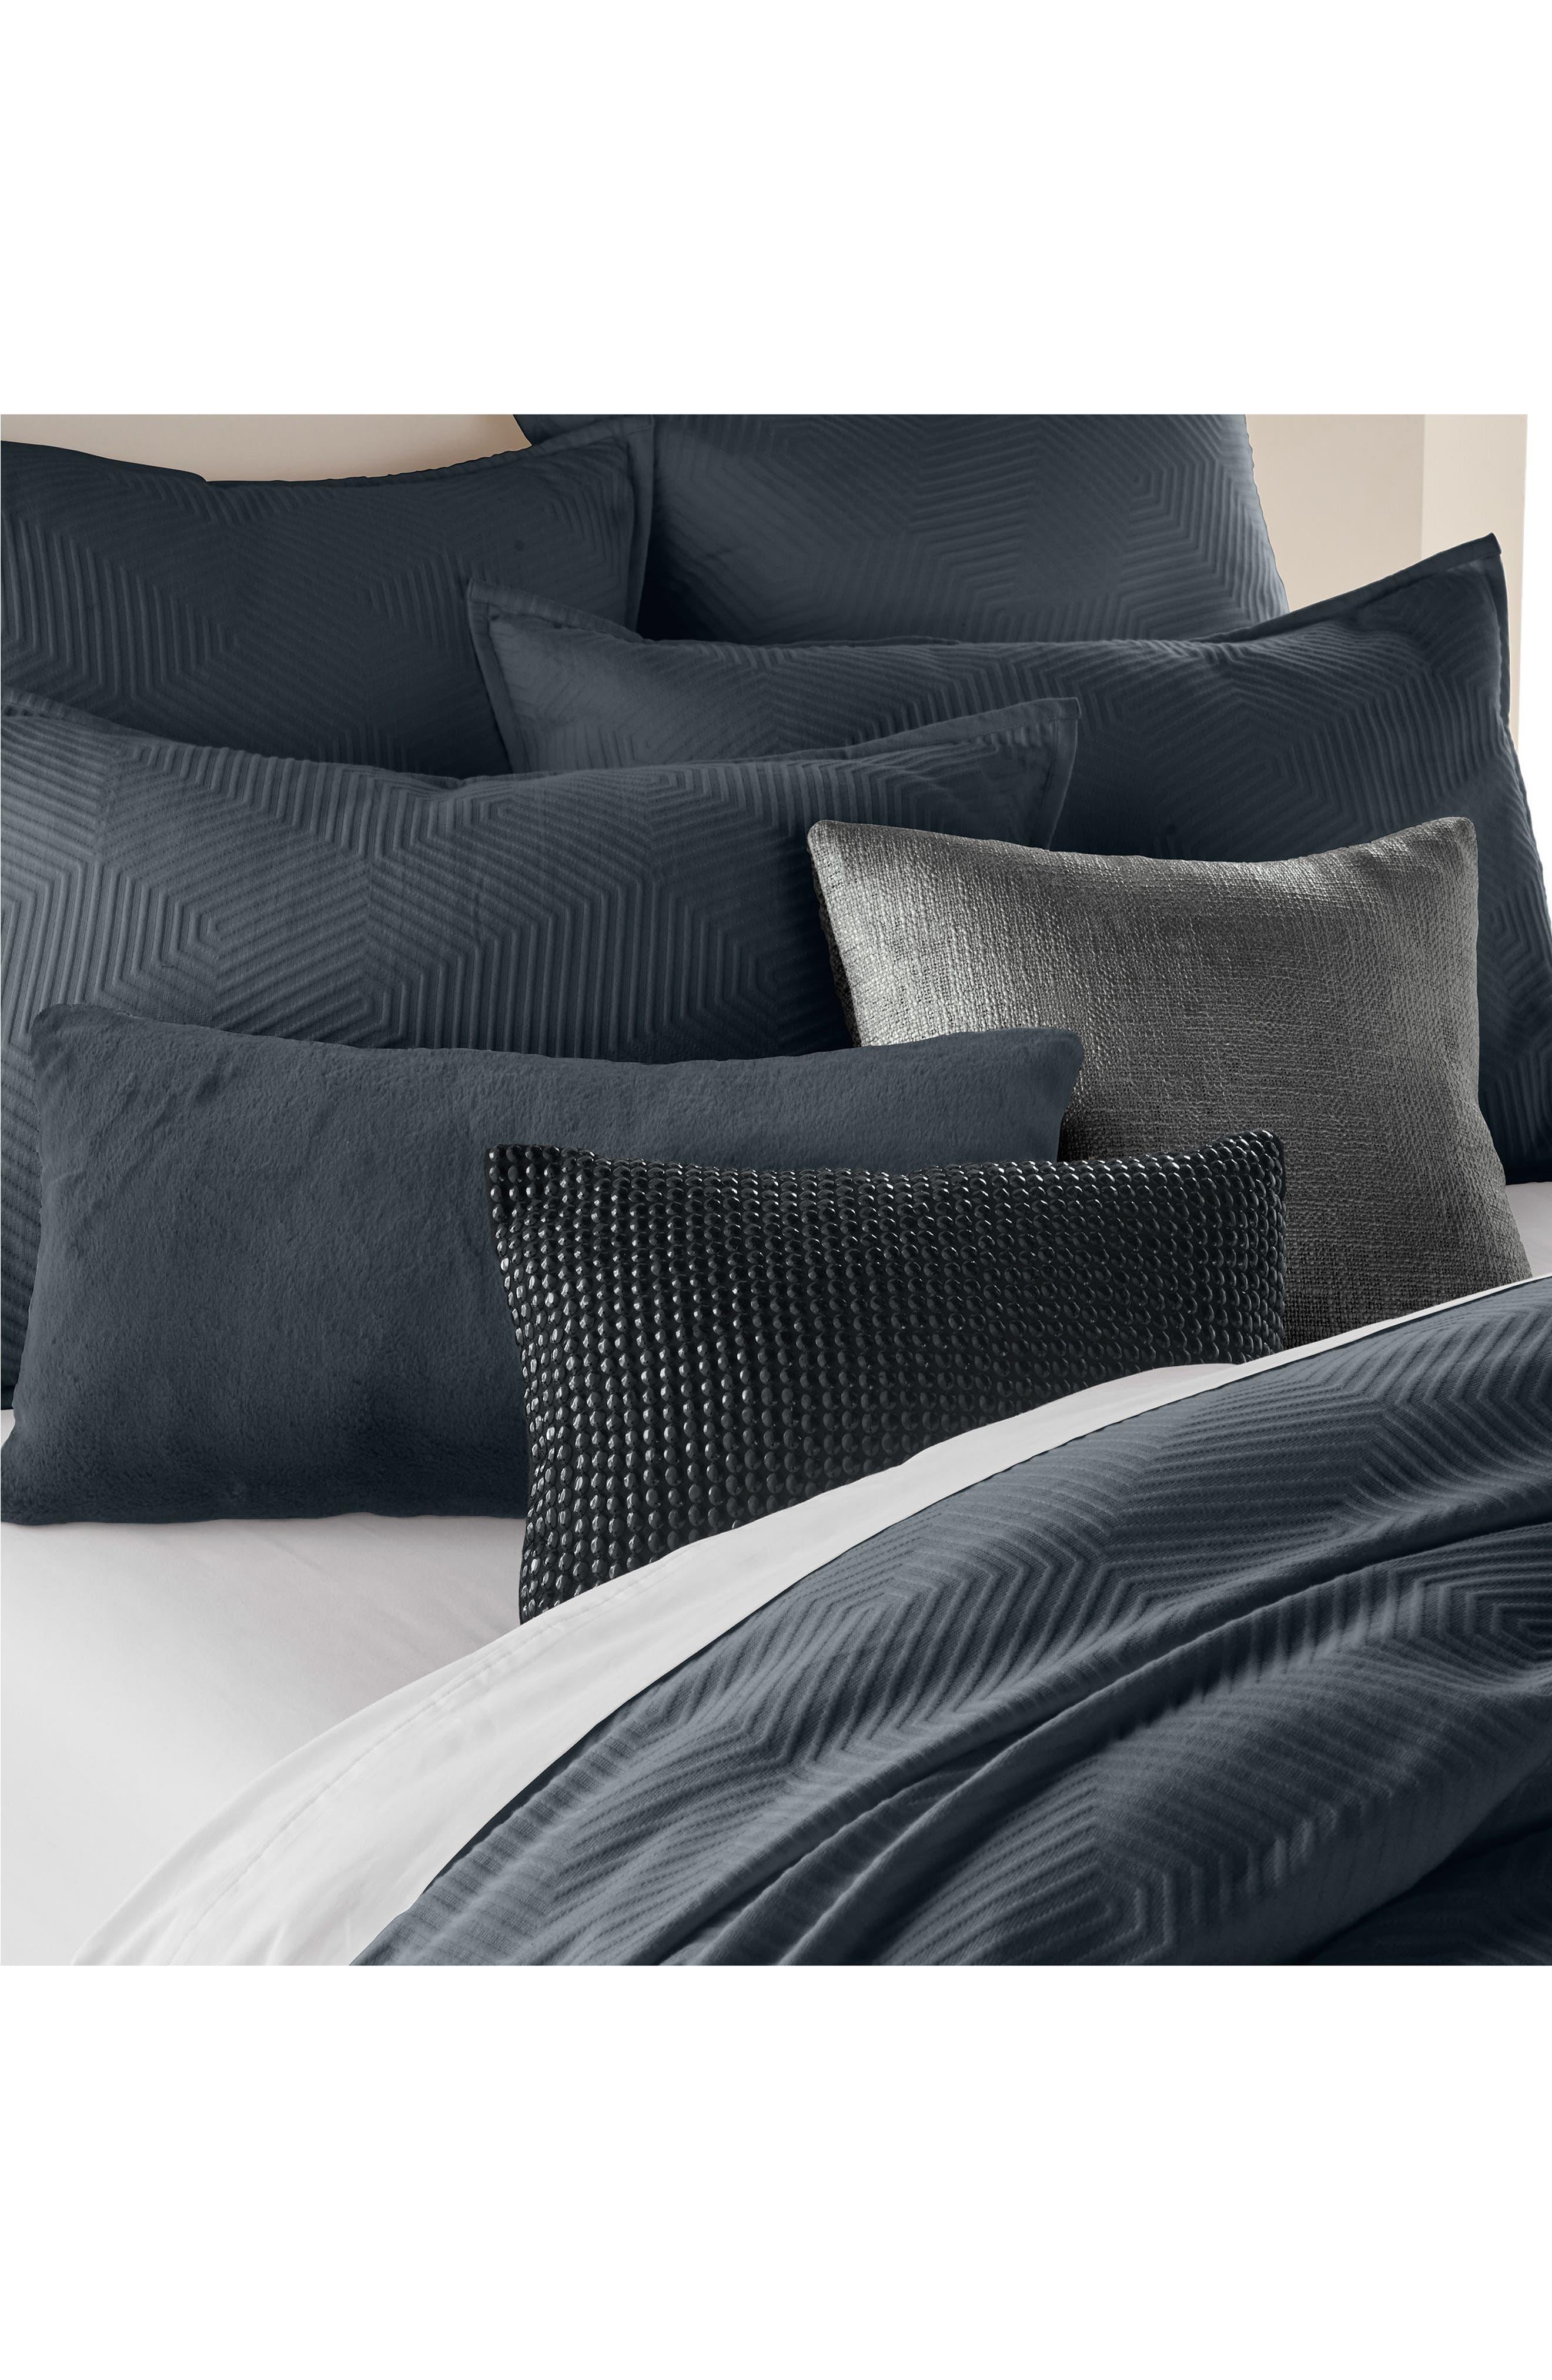 Metro Matelassé Accent Pillow,                         Main,                         color,